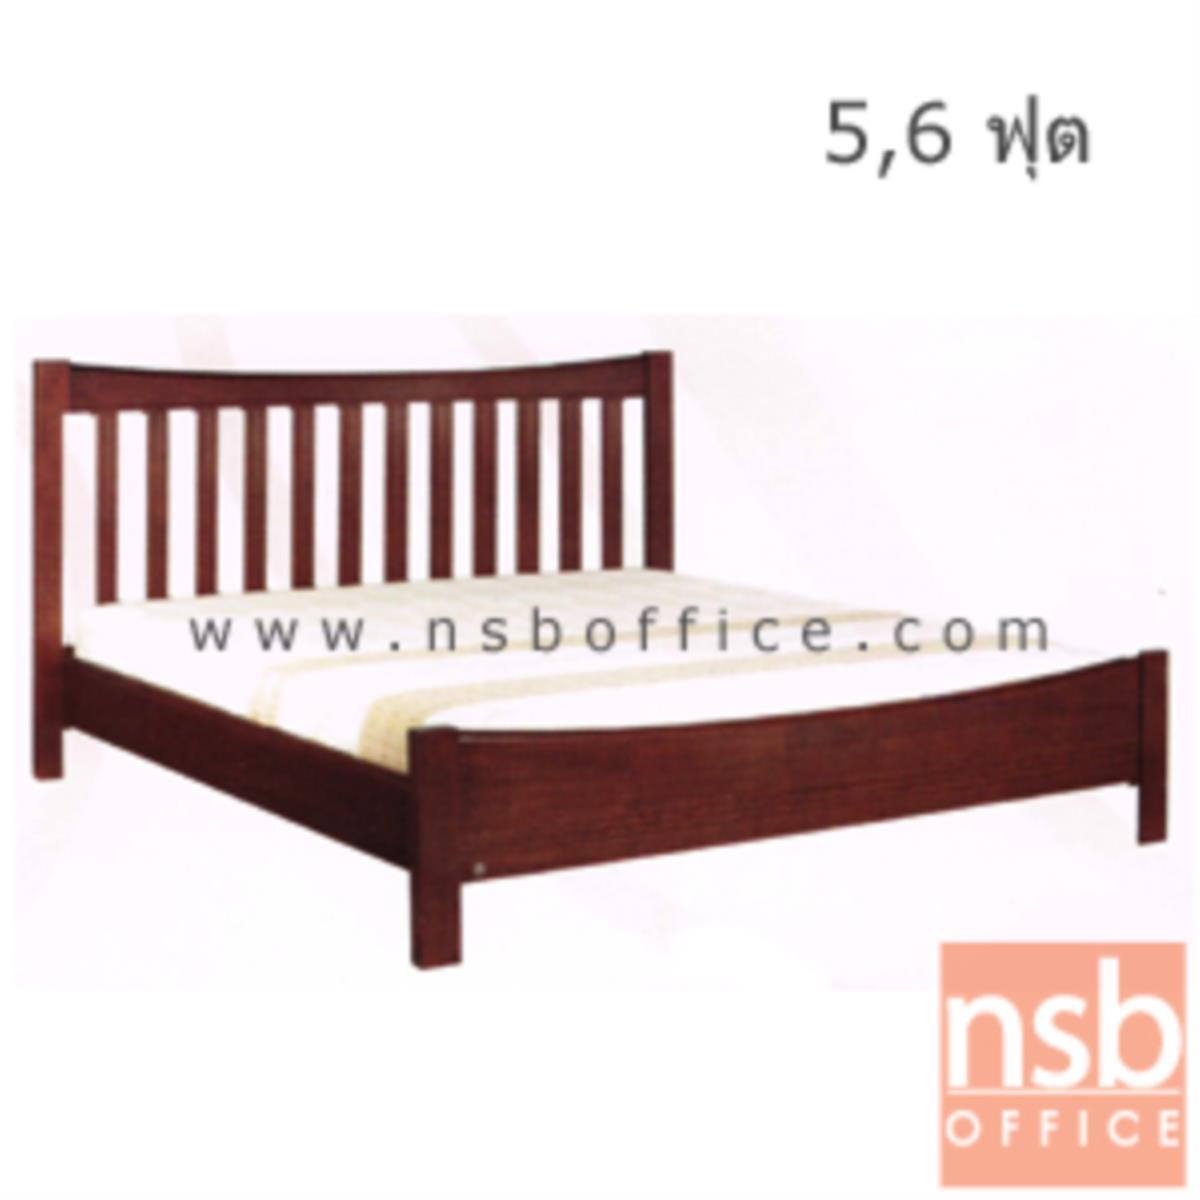 G11A092:เตียงไม้ยางพาราล้วน รุ่น RICHCY-FU  5 และ 6 ฟุต หัวเตียงไม้ระแนง